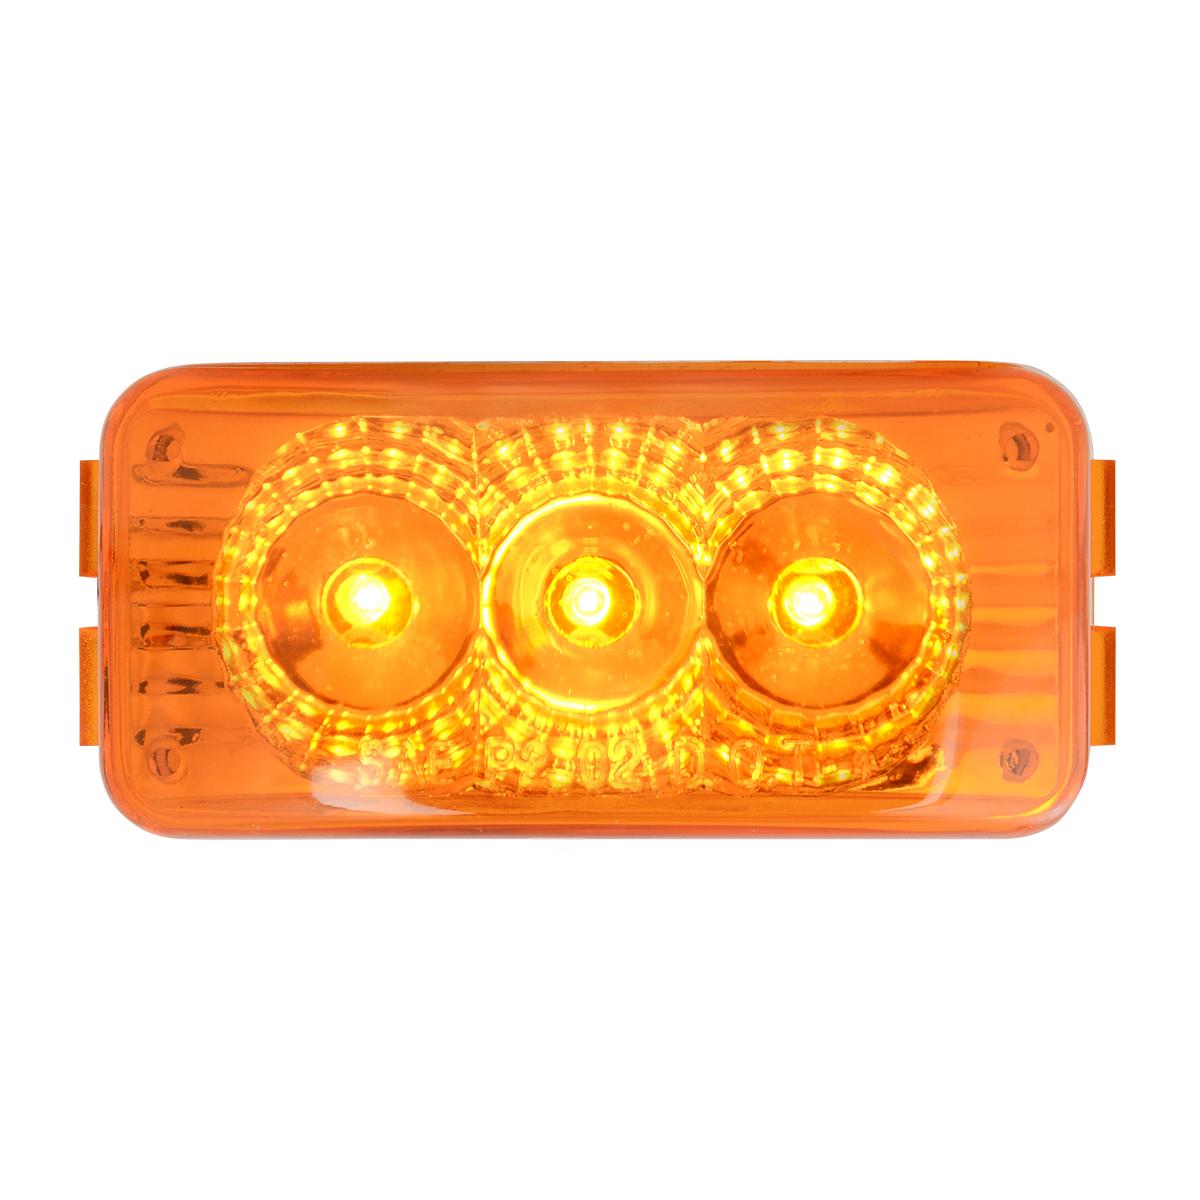 77950 Small Rectangular Spyder LED Marker Light in Amber/Amber